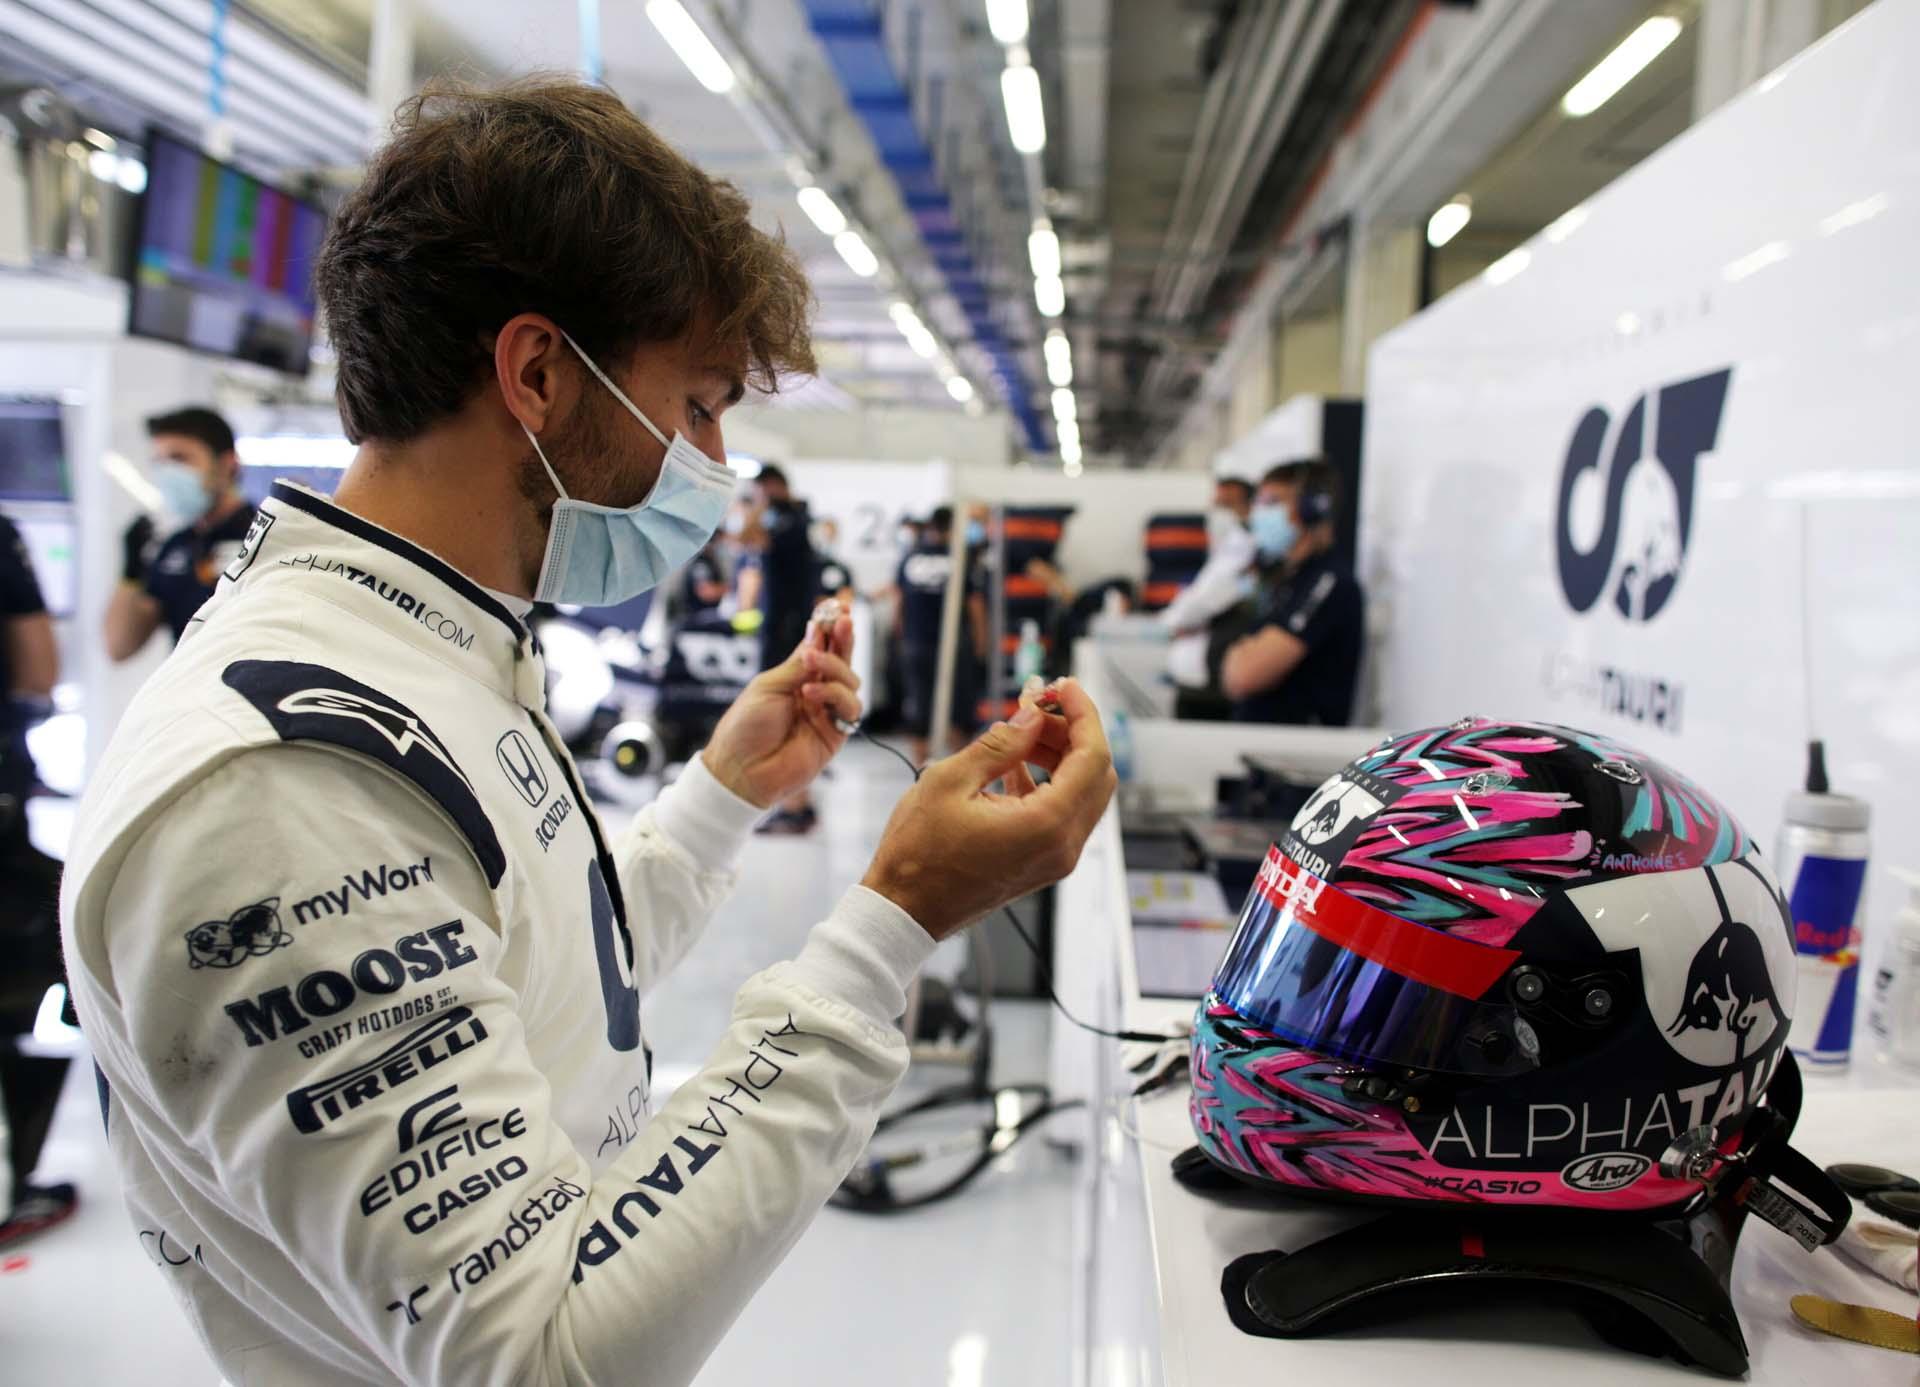 F1 Grand Prix of Austria - Practice